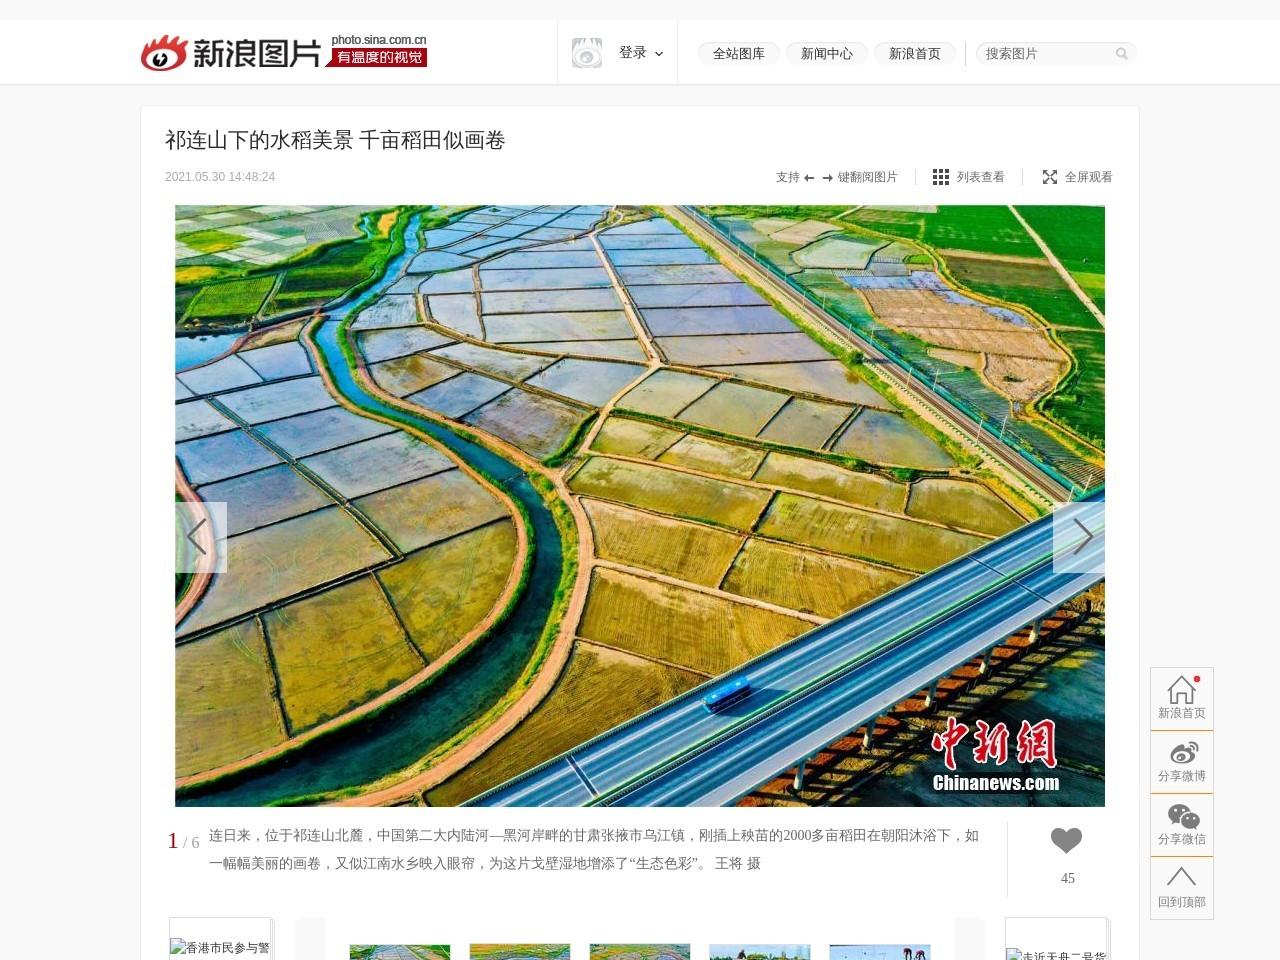 祁连山下的水稻美景 千亩稻田似画卷_高清图集_新浪网